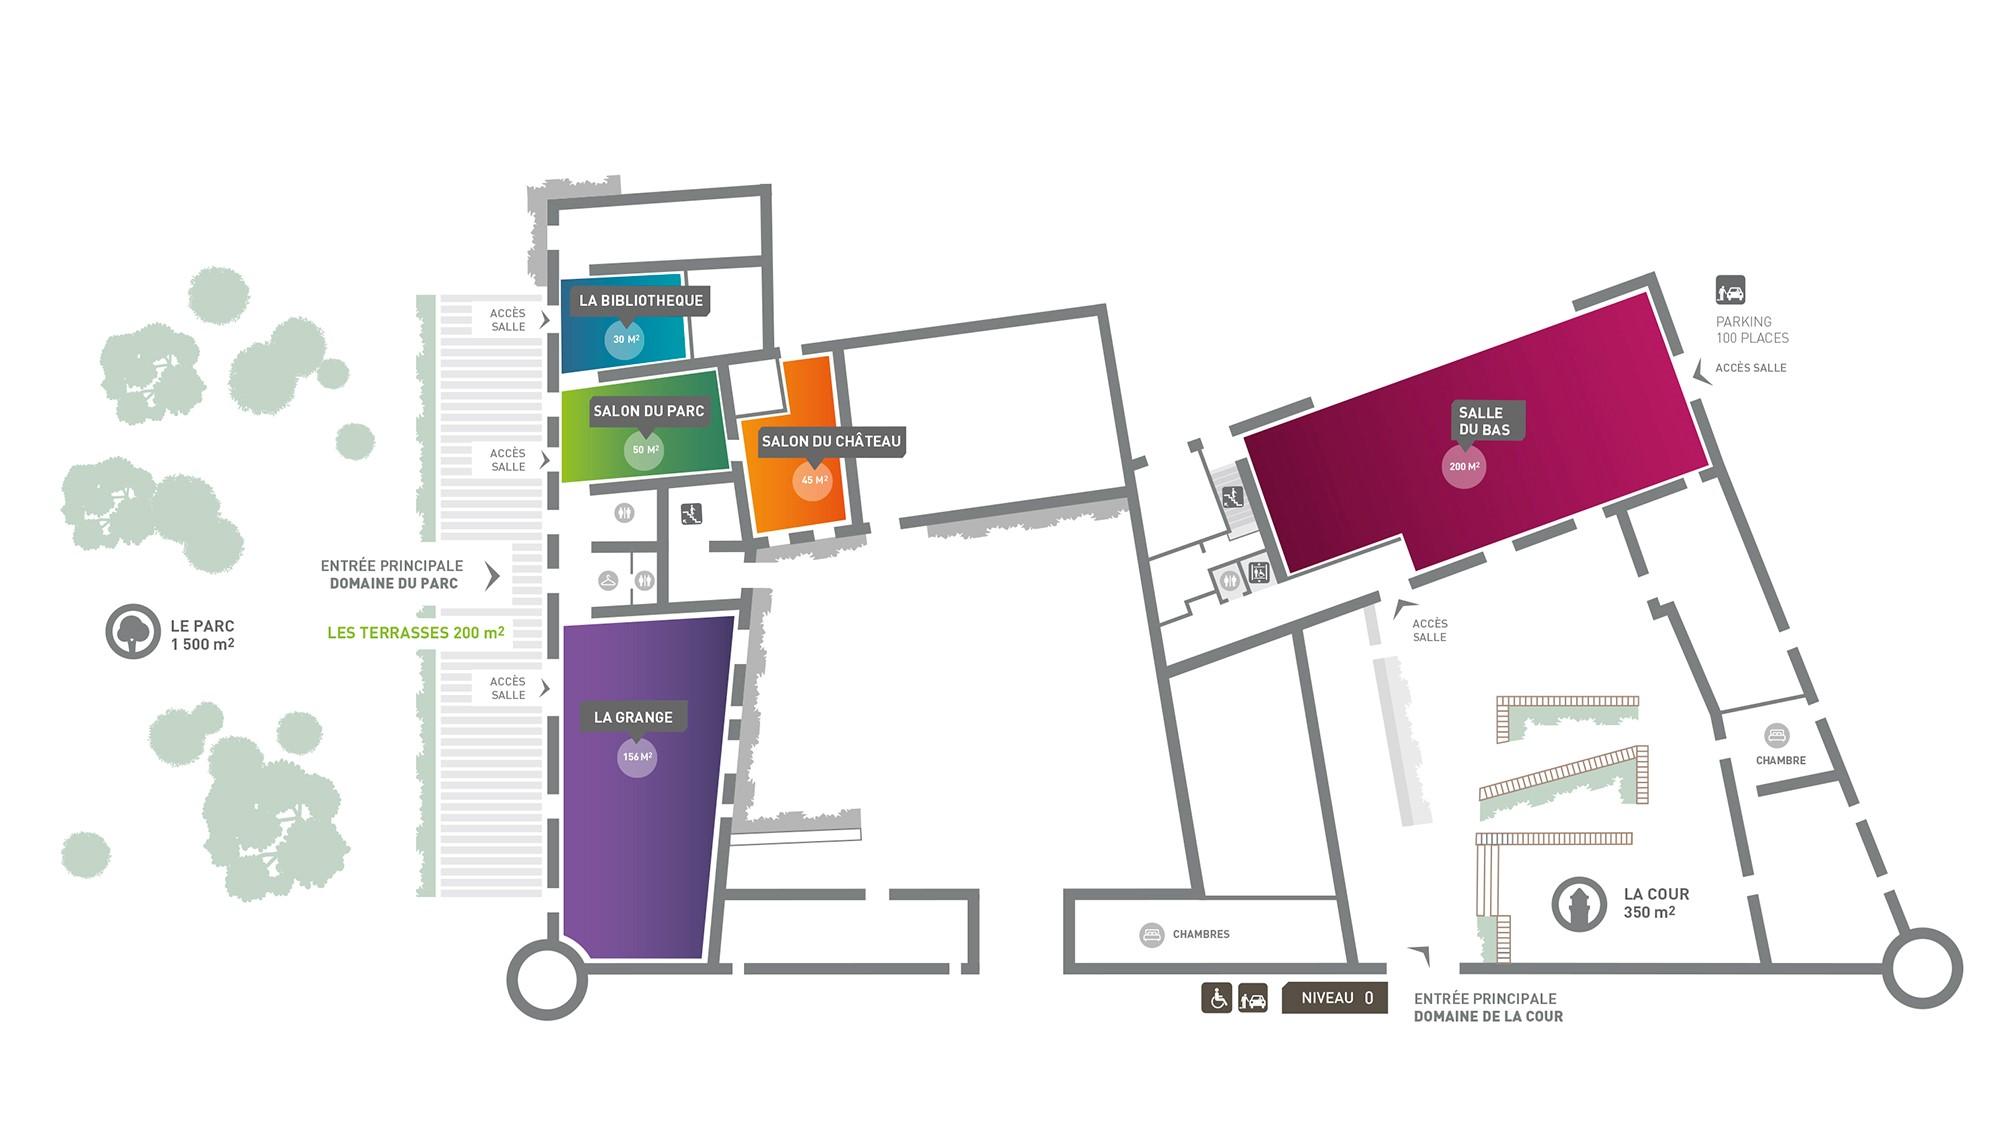 Location de salles à St Genest Malifaux, domaine la Diligence avec l'Agence CLOEE